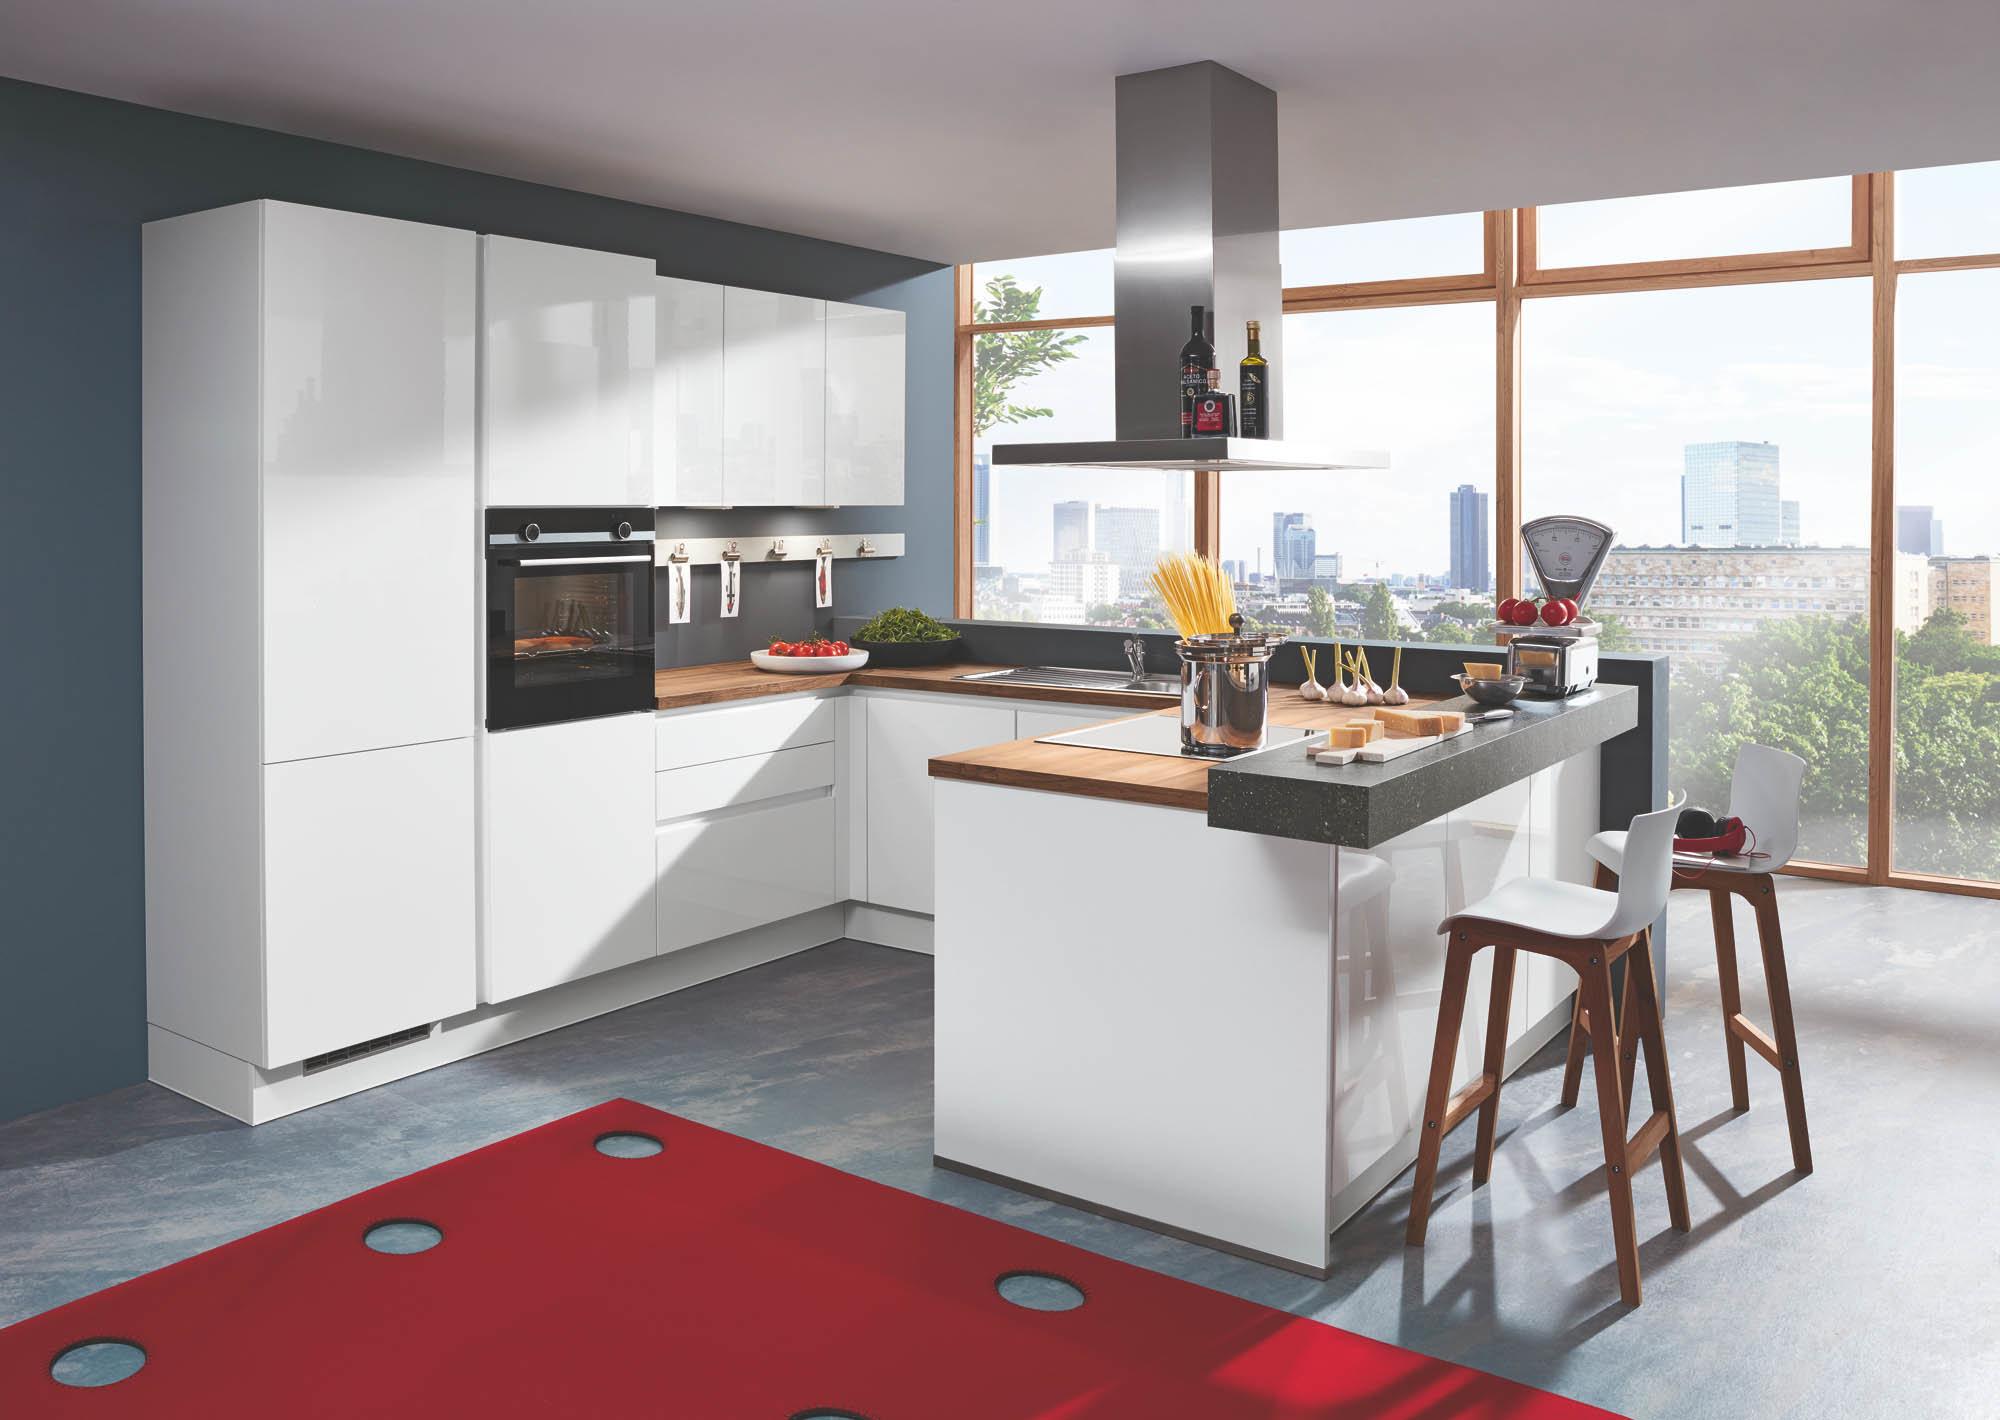 Full Size of Weie Burger U Kche Kchen Immer 10 Preiswerter 3d Planung Küchen Regal Wohnzimmer Küchen